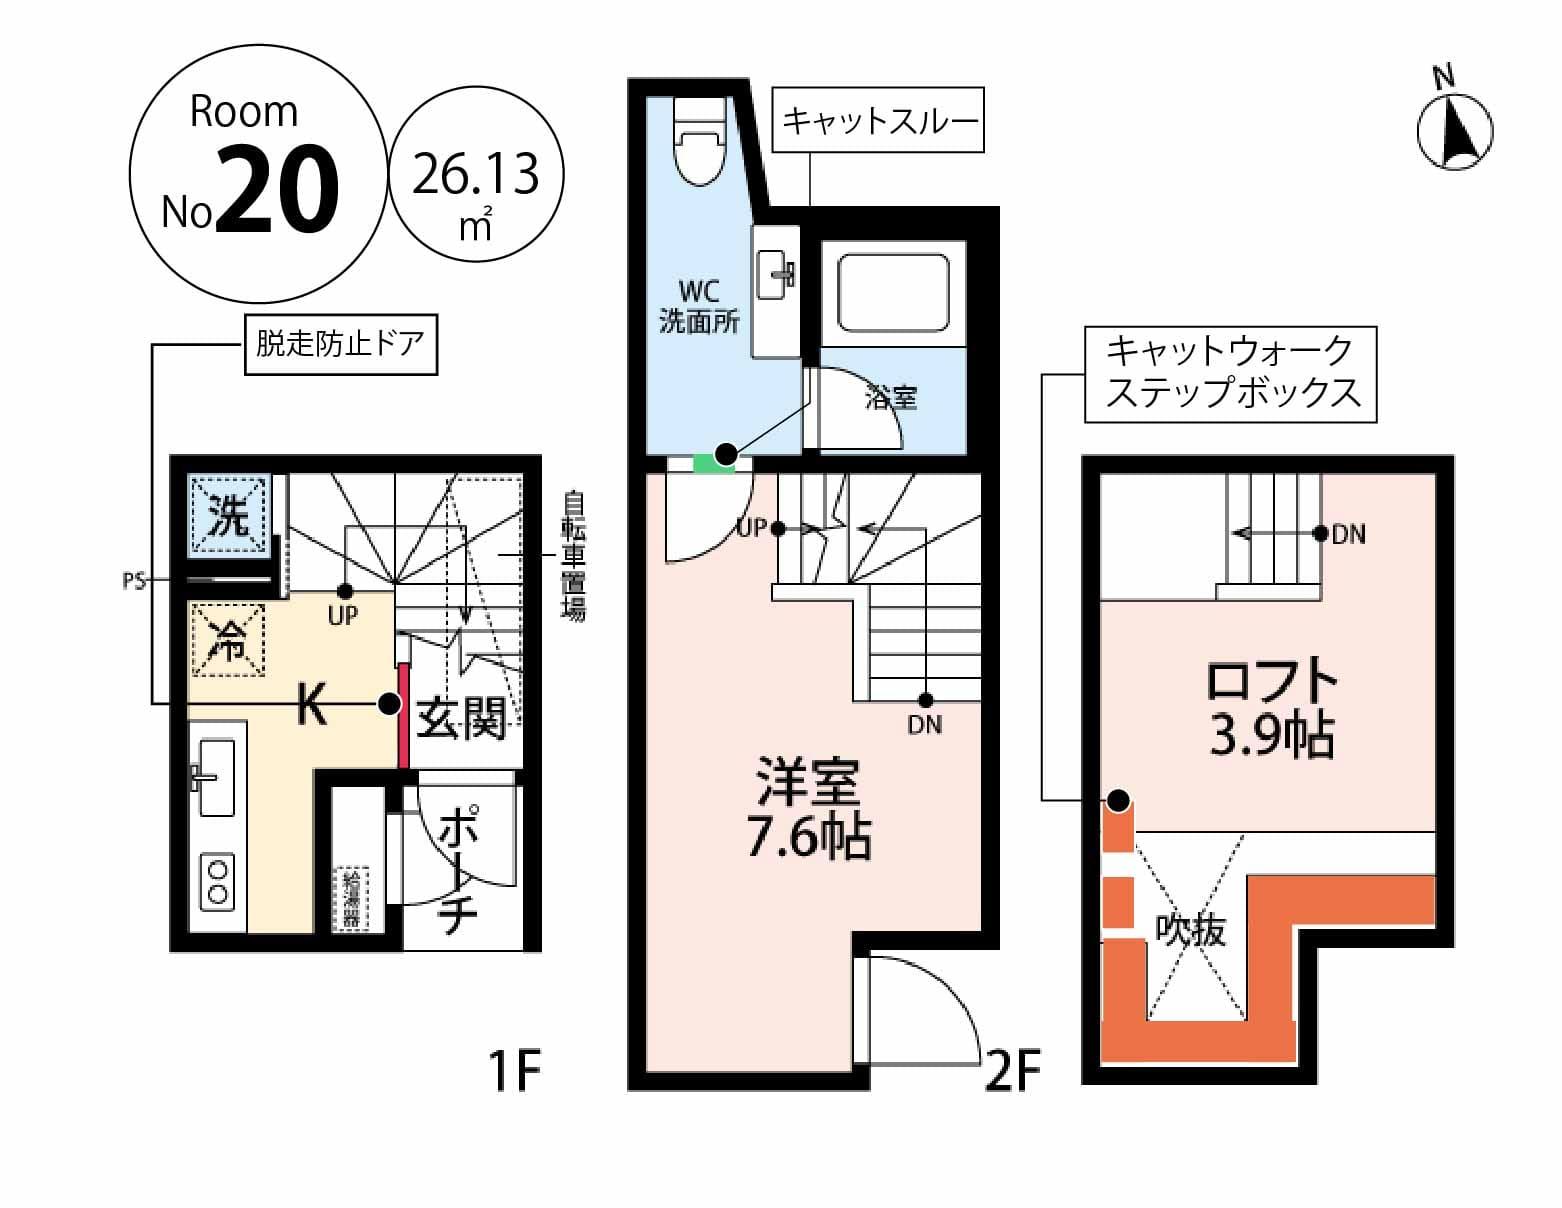 ◆お家賃100,000円(管理費別3,000円)◆猫ちゃんは3匹まで(相談)